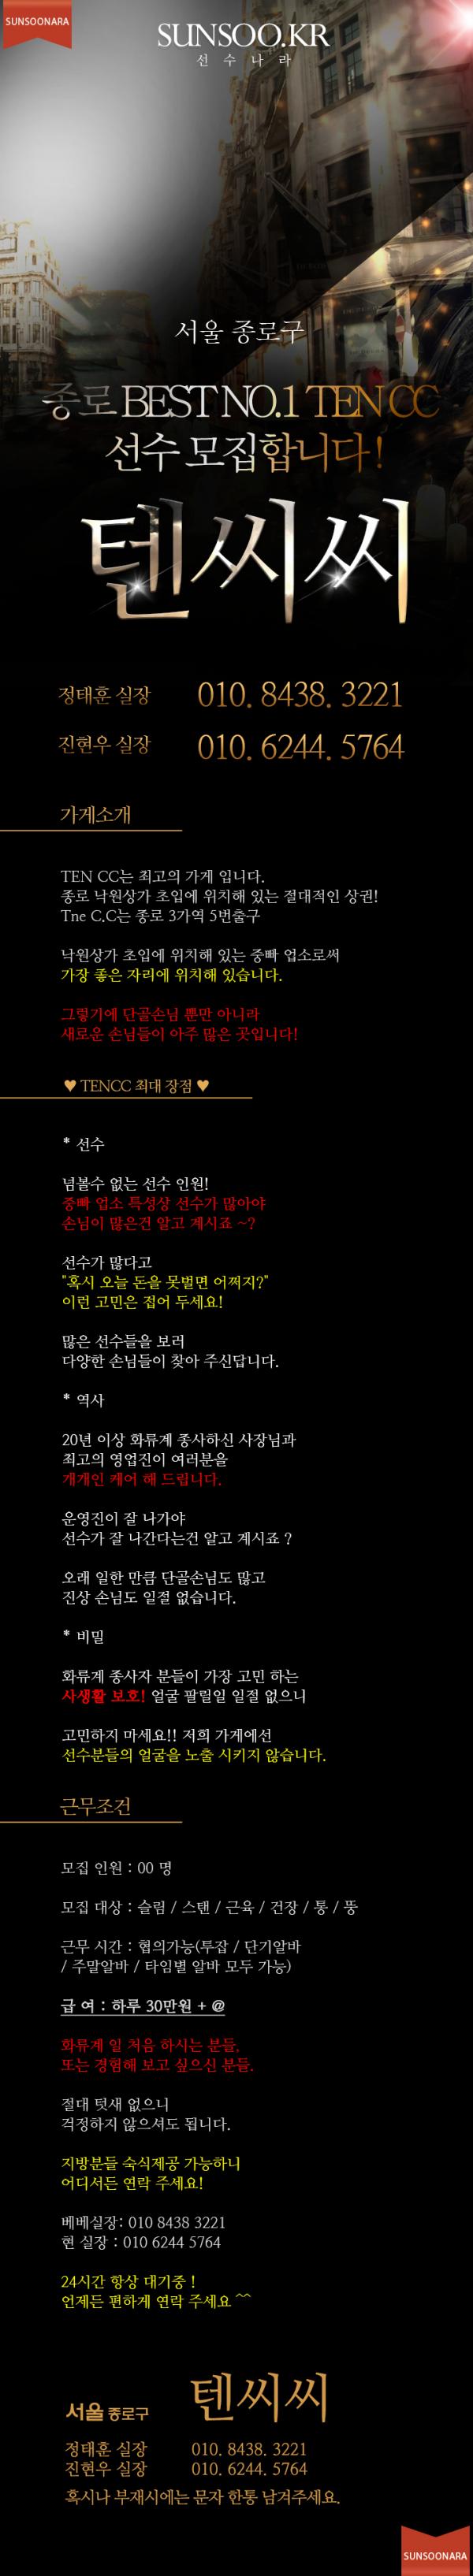 정태훈 텐씨씨.png